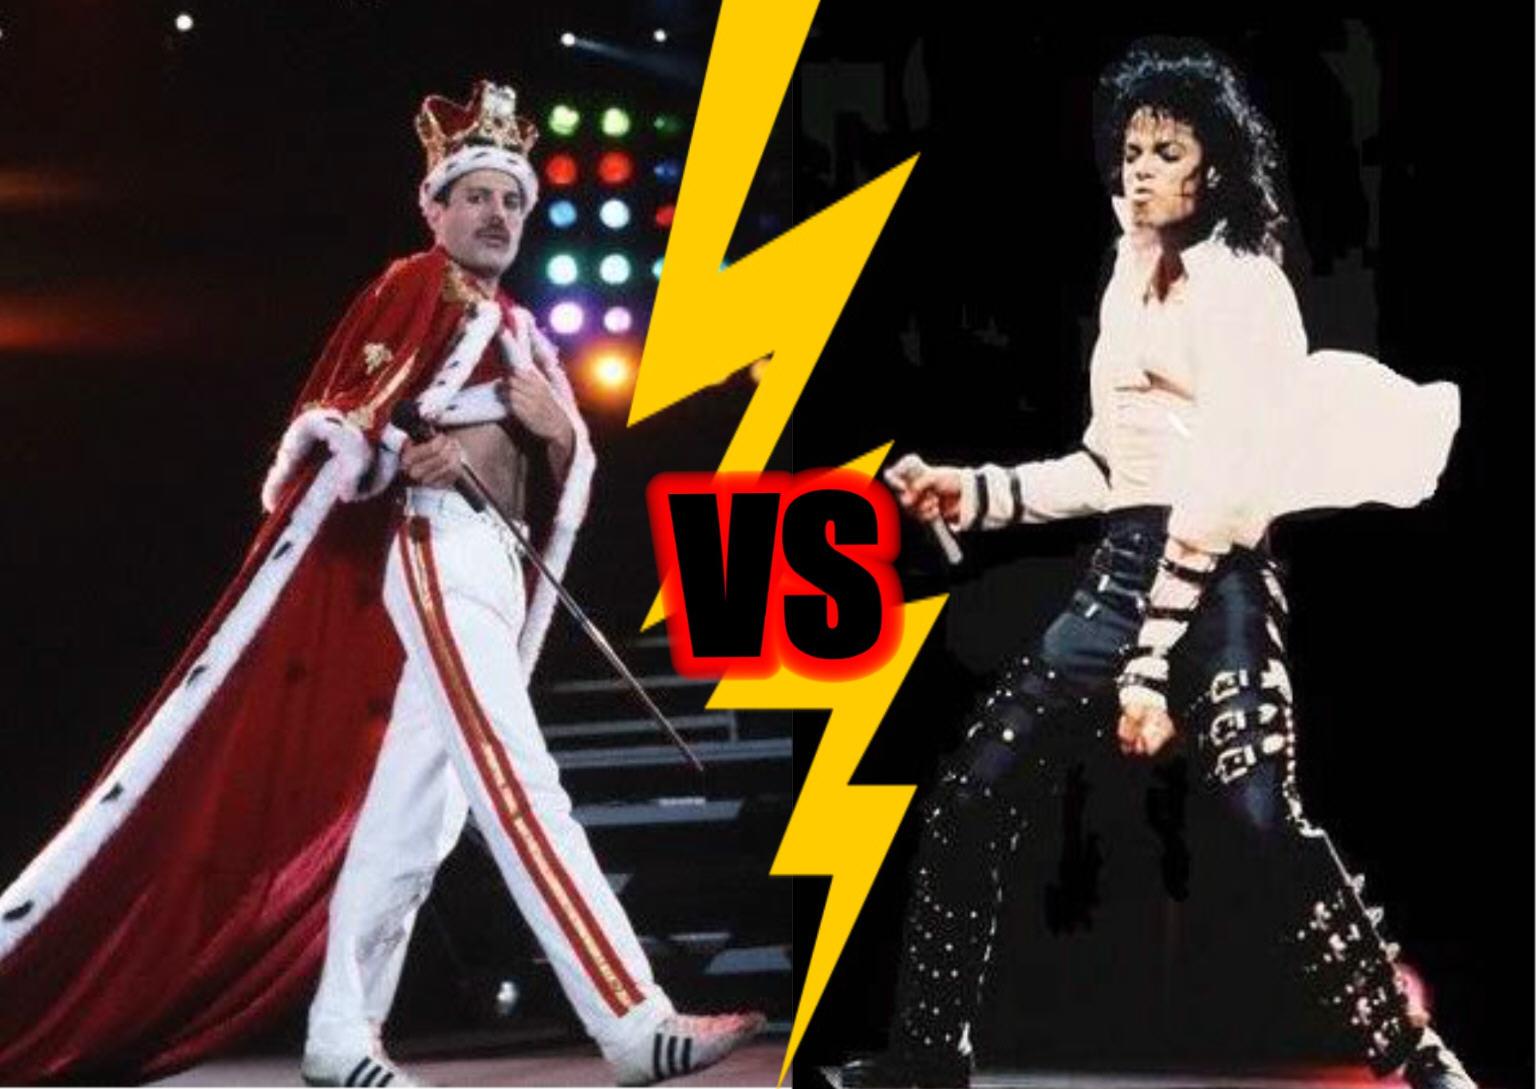 http://3.bp.blogspot.com/-avzM-3JSRmQ/Te_pTFWp8WI/AAAAAAAAAcs/35LmggTQBJA/s1600/Michael-Jackson-e-Freddie-Mercury.jpg